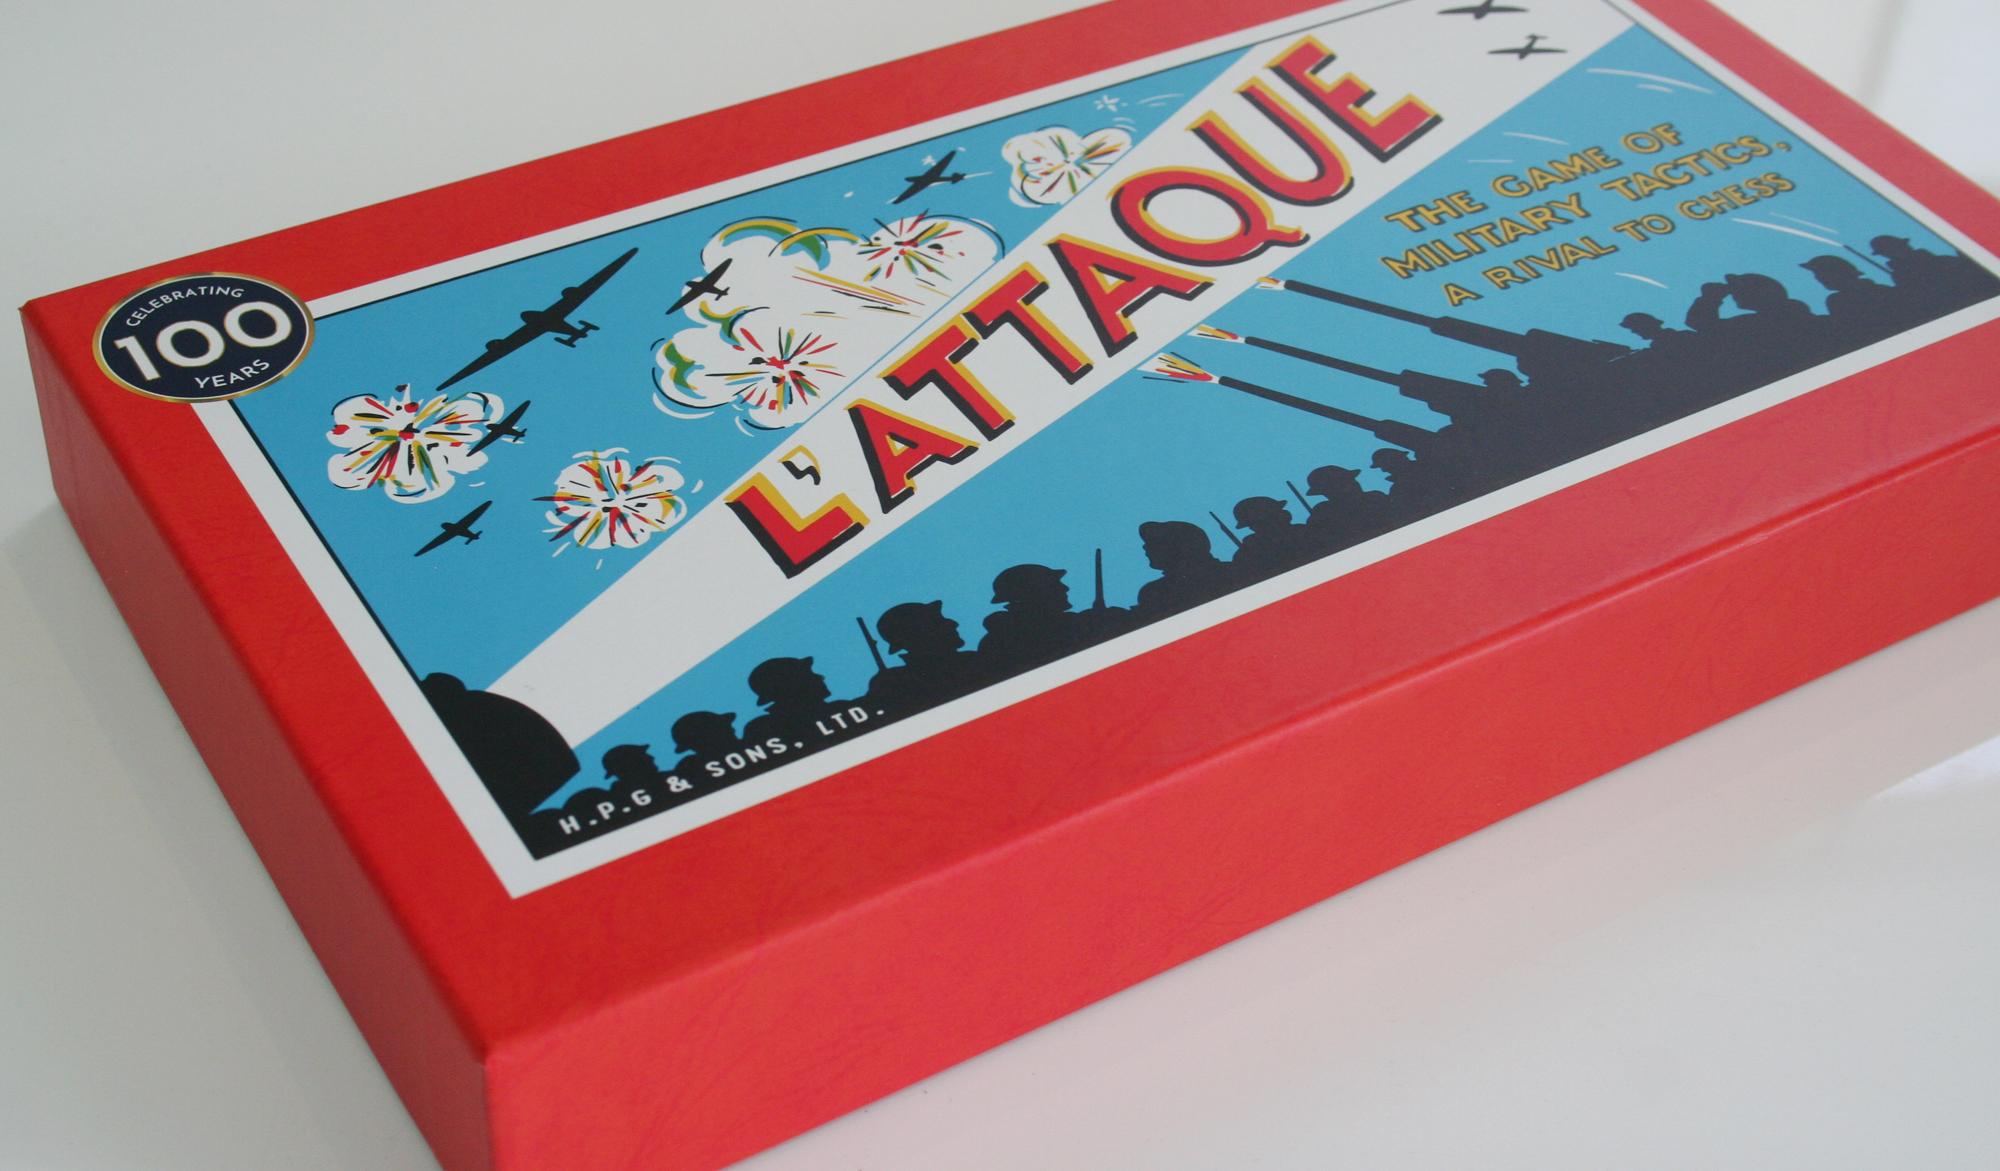 L'Attaque front box